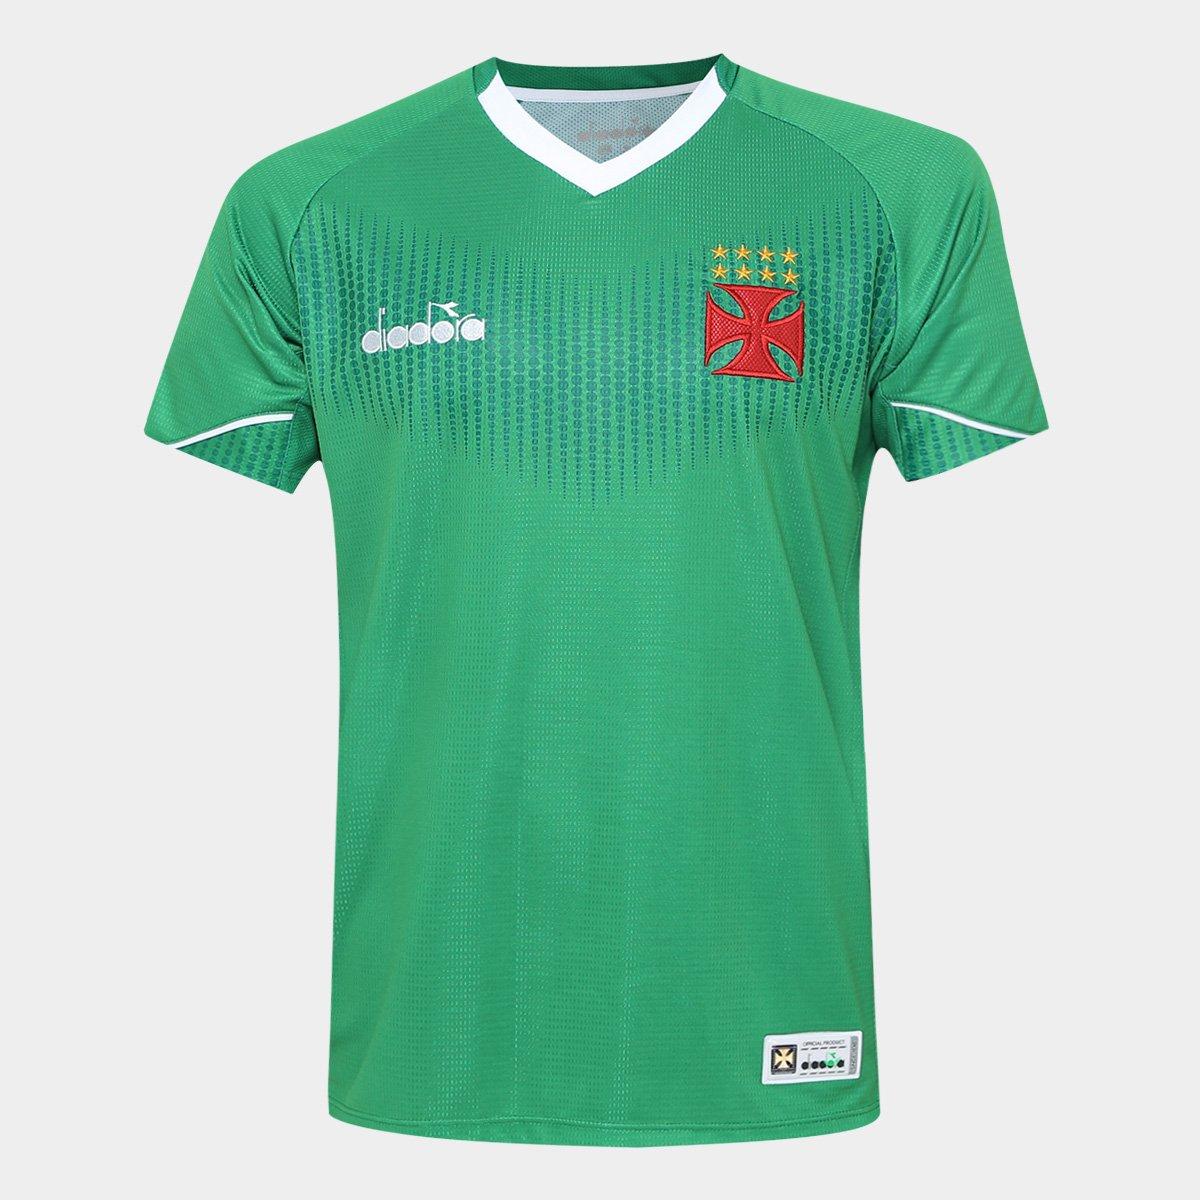 Camisa de Goleiro Vasco II 2018 s n° Torcedor Diadora Masculina ... d21d8b8c0fe91